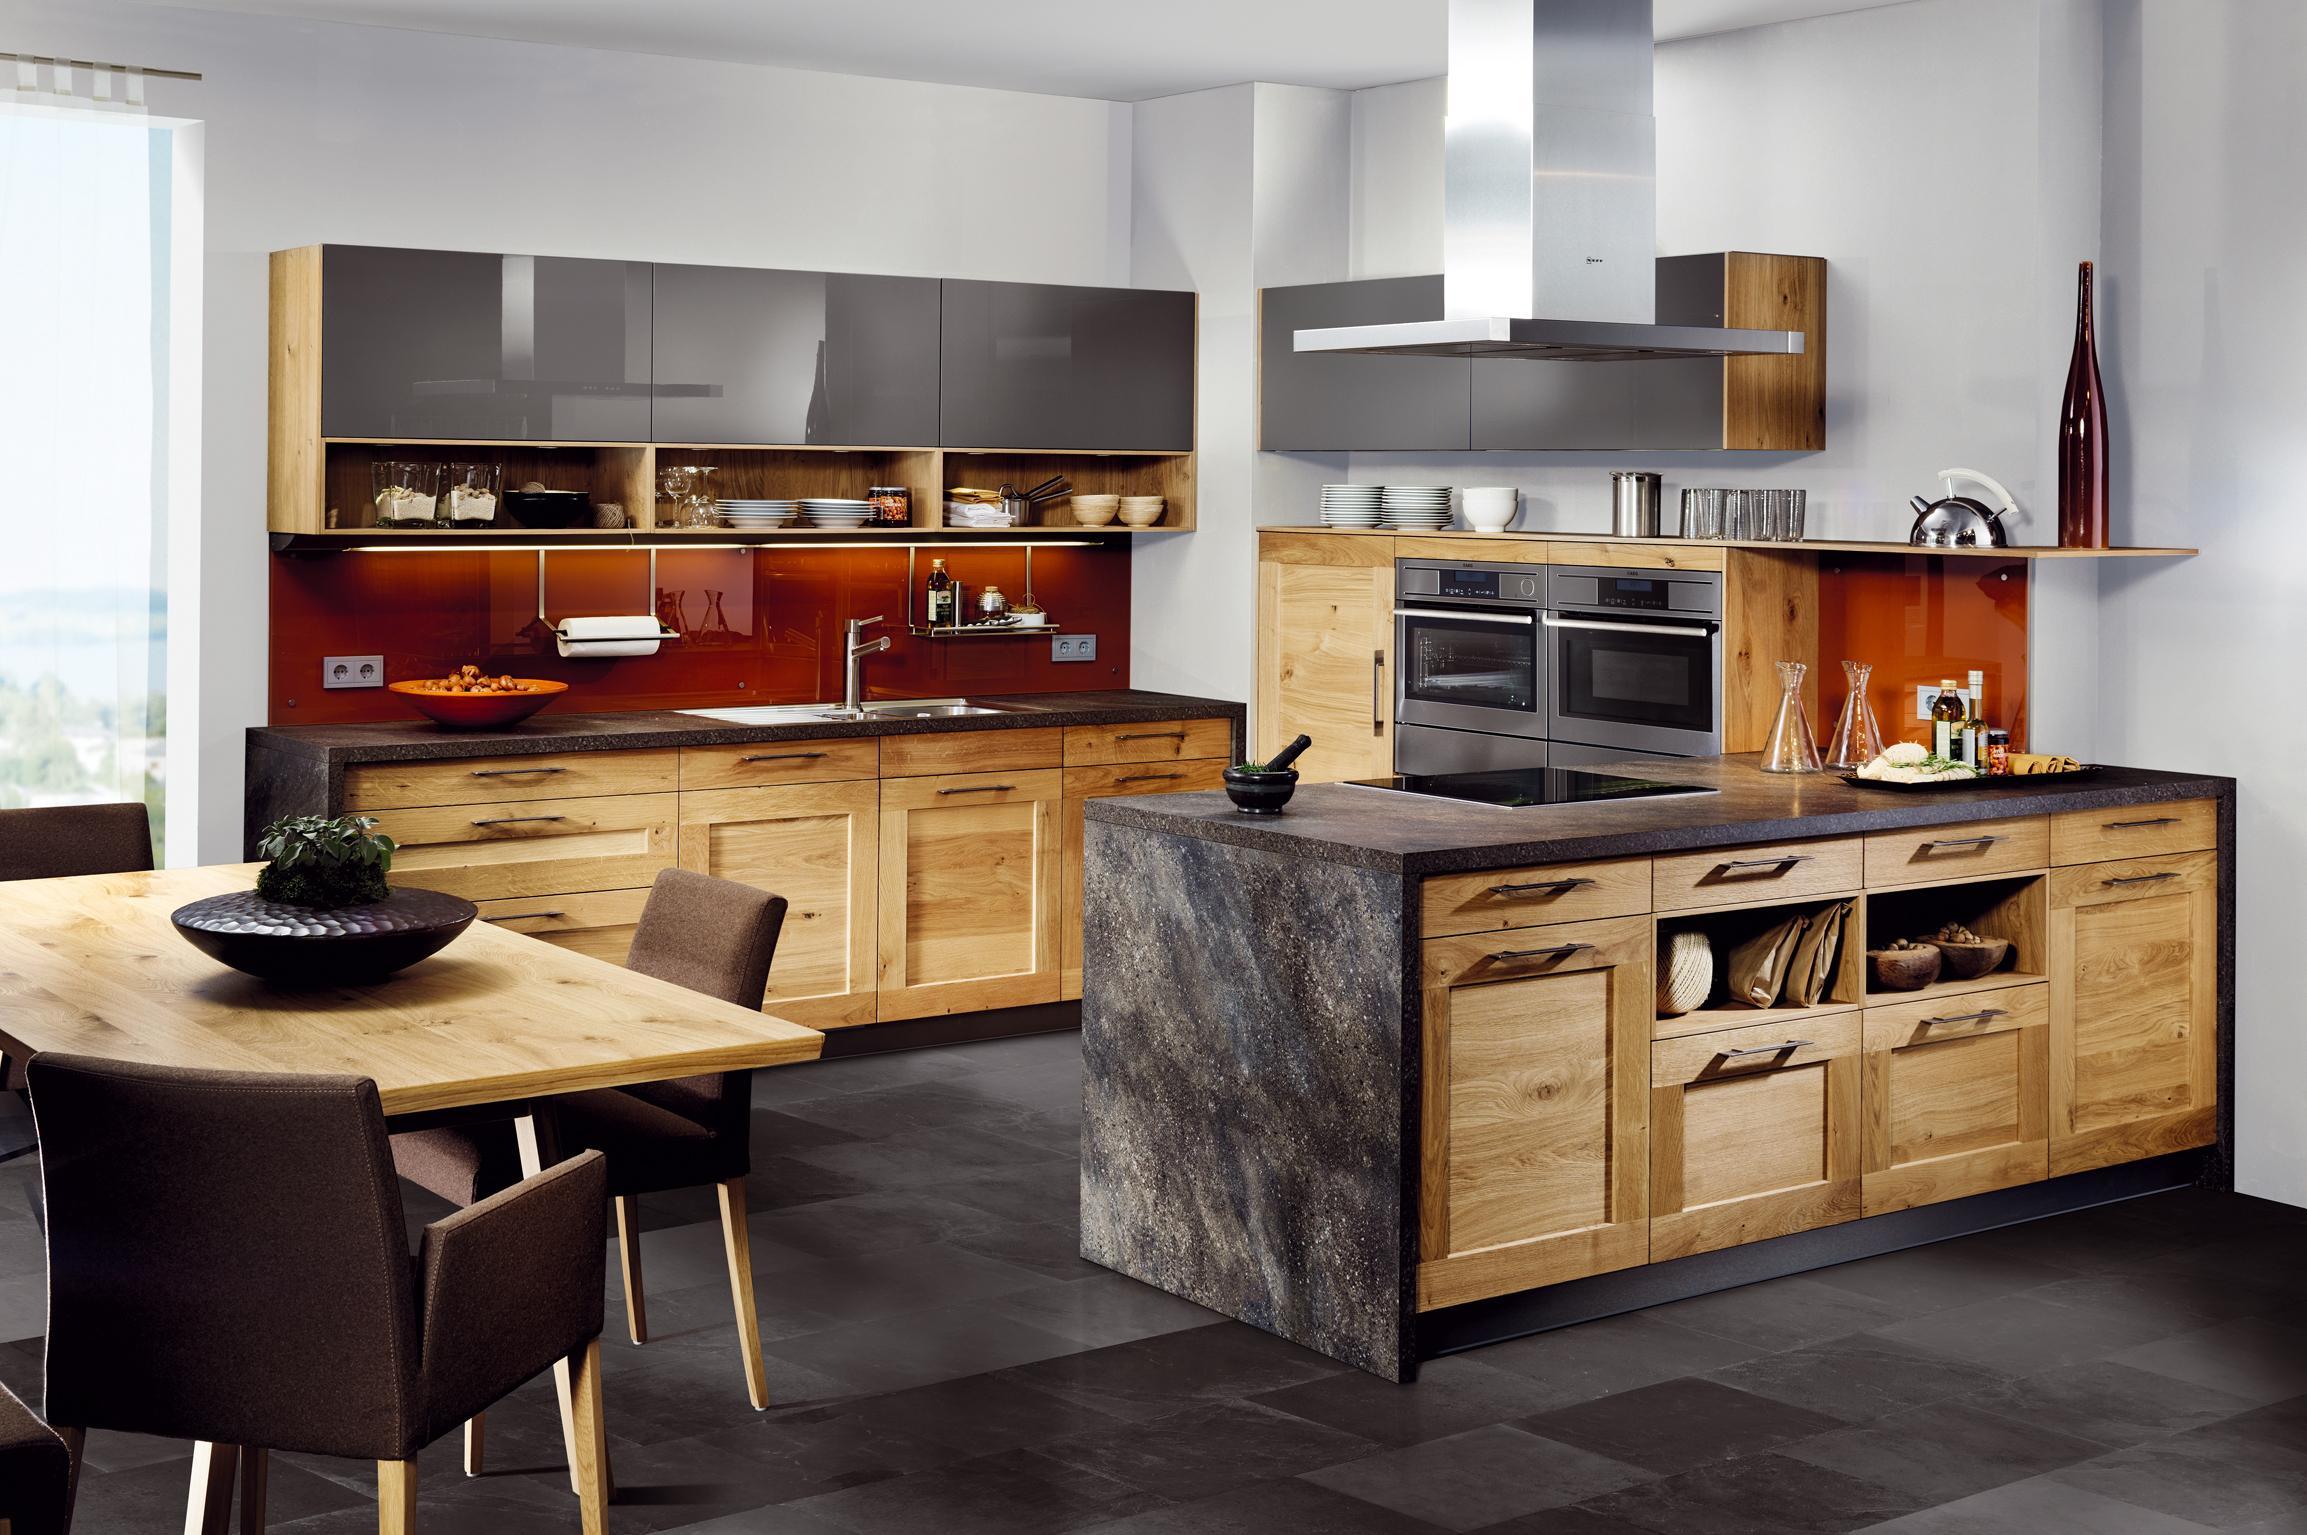 Küche landhausstil modern  Küchen im Landhausstil • Bilder & Ideen • COUCHstyle